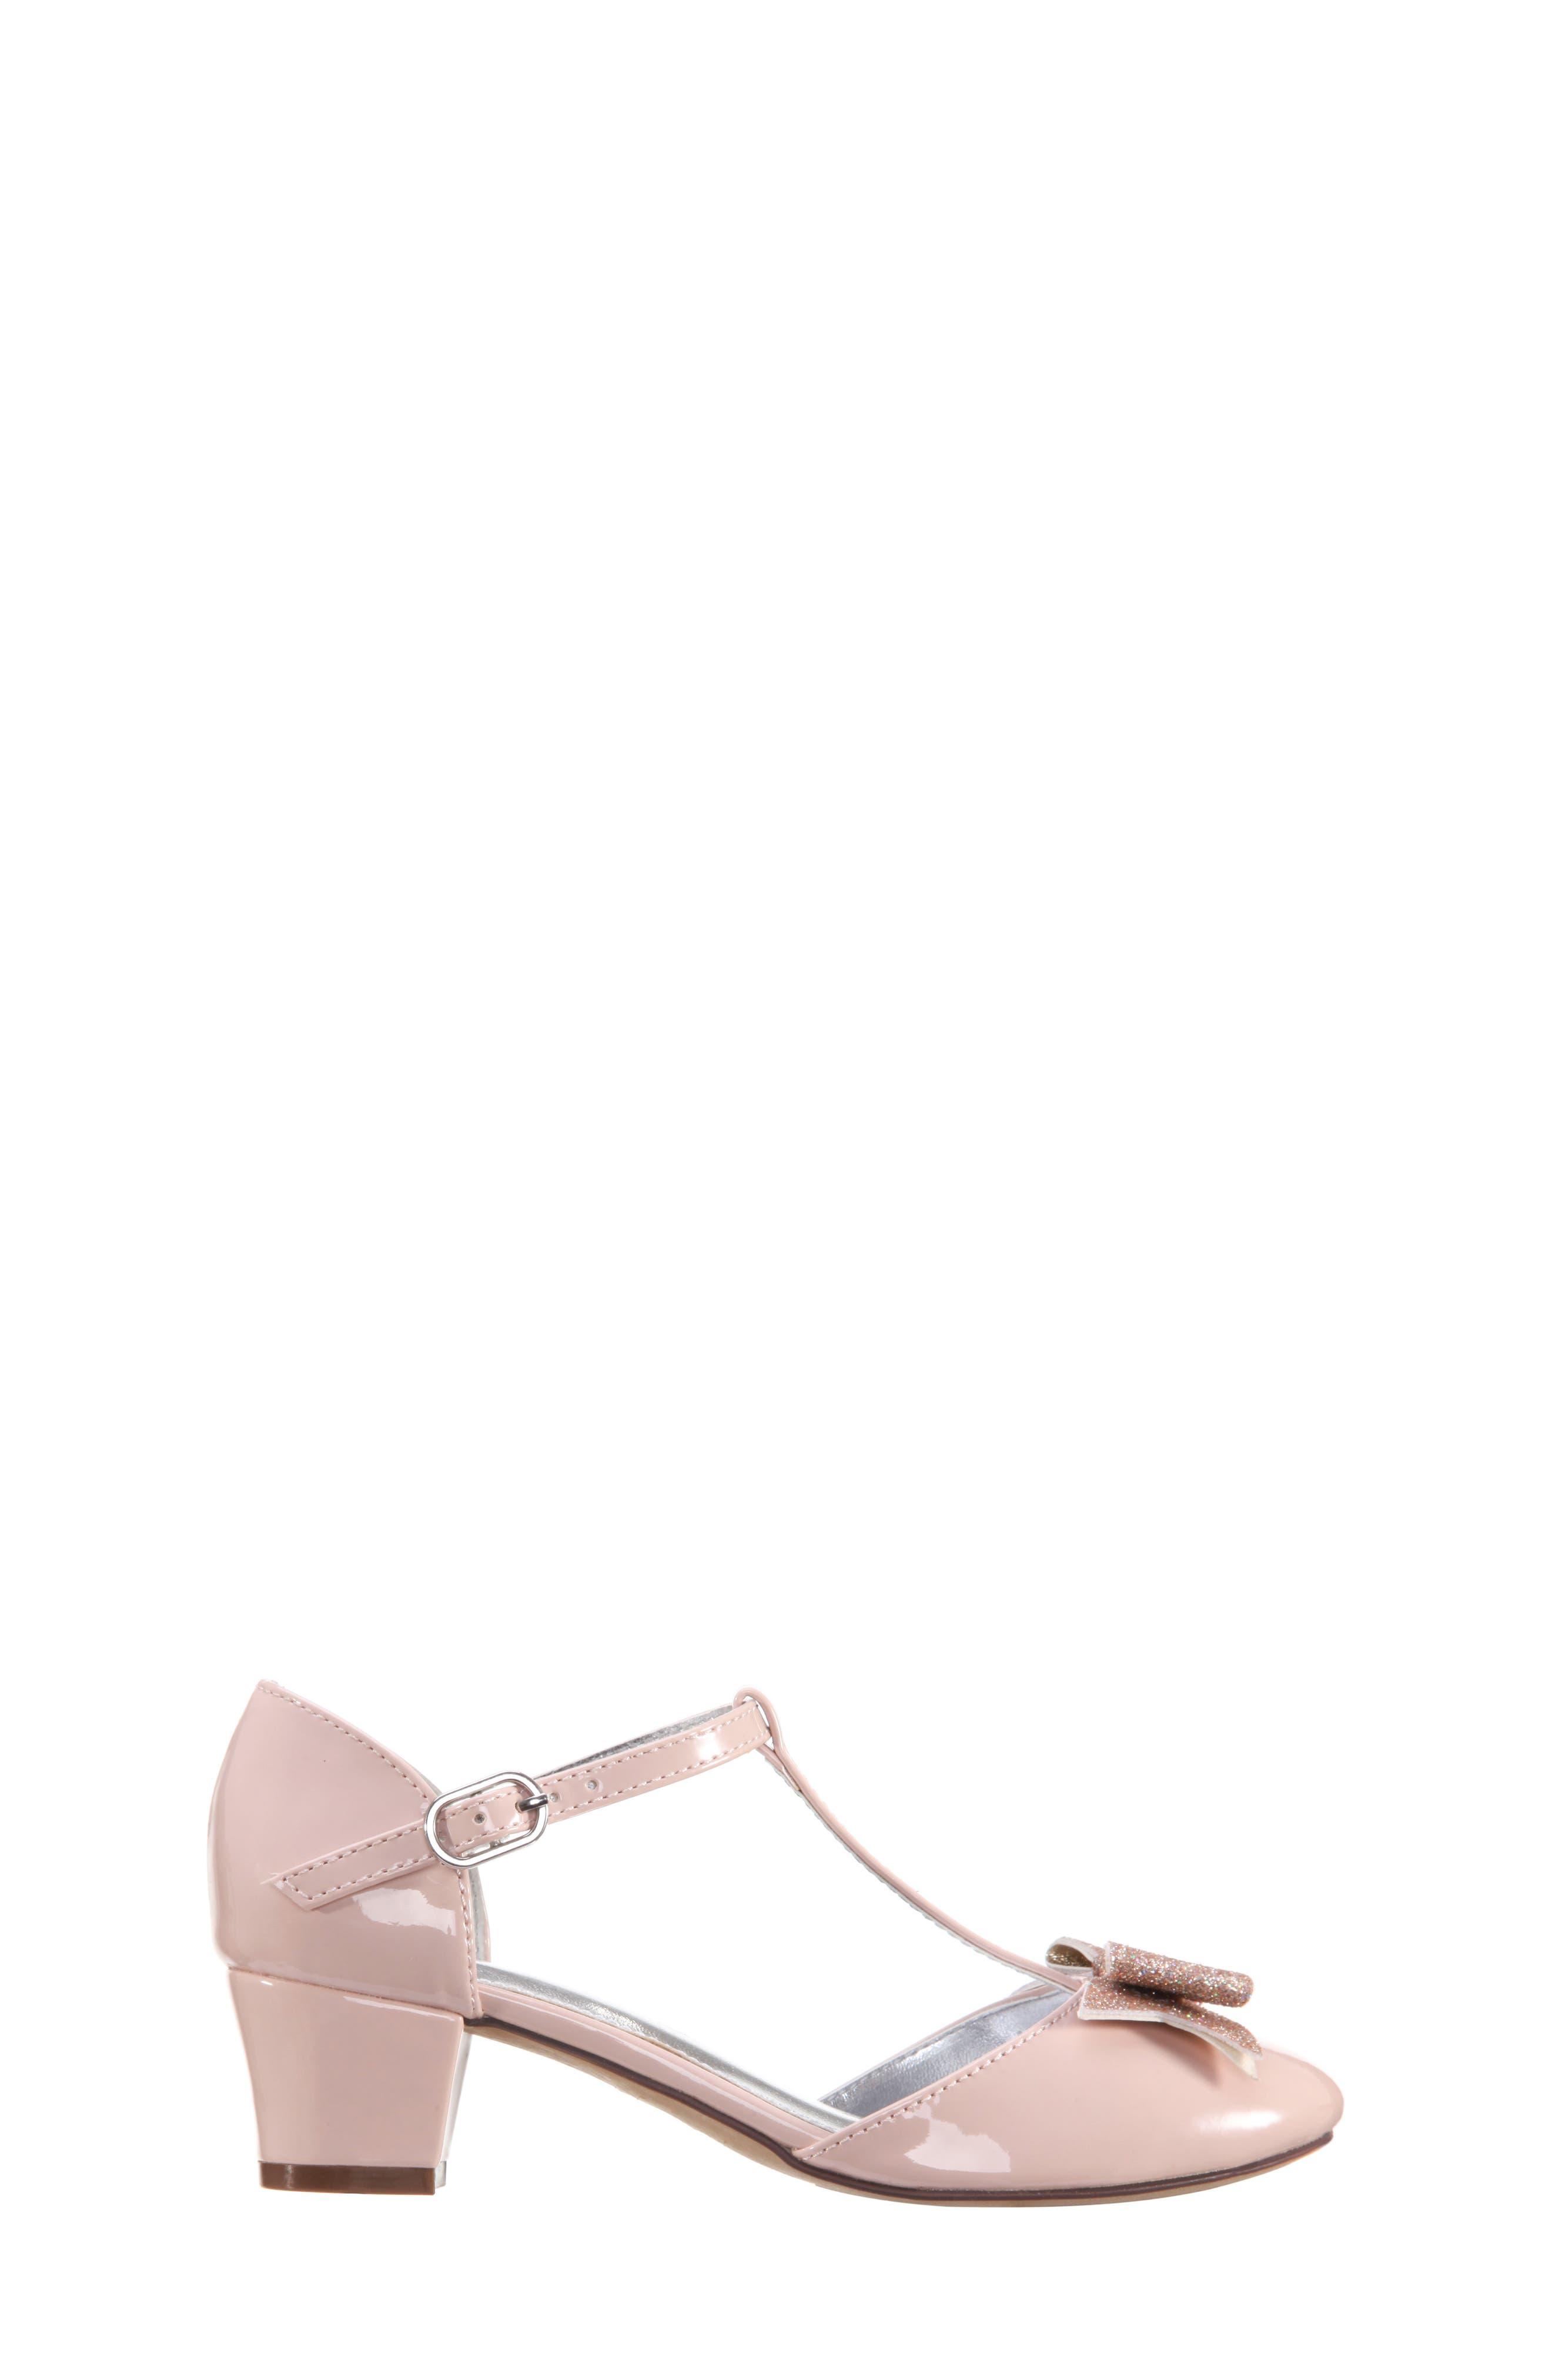 Marvette T-Strap Sandal,                             Alternate thumbnail 3, color,                             BLUSH PATENT